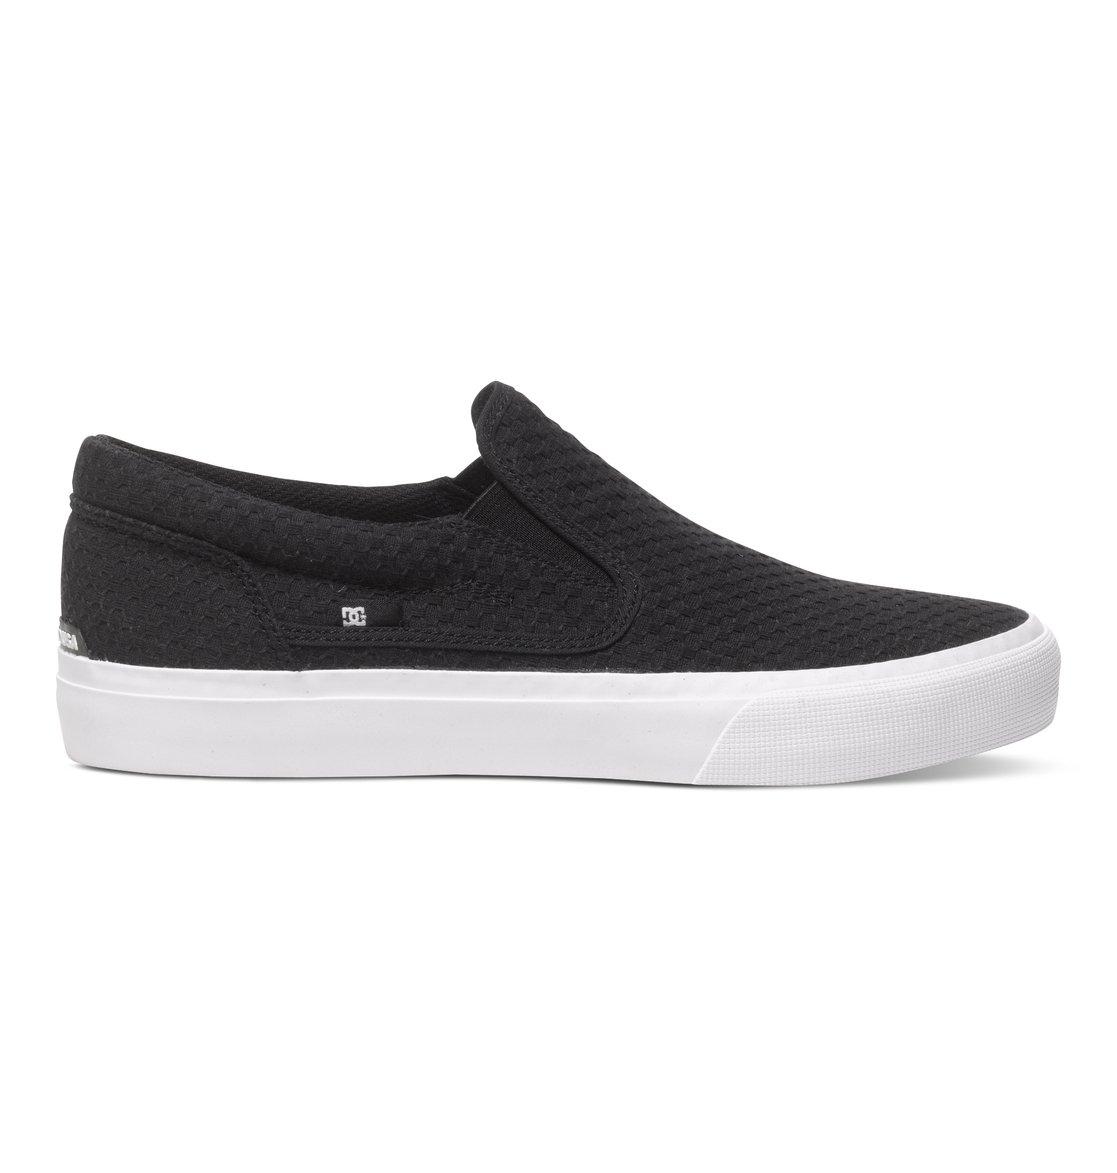 d22d27945026 0 Trase TX SE - Slip-On Shoes ADYS300187 DC Shoes